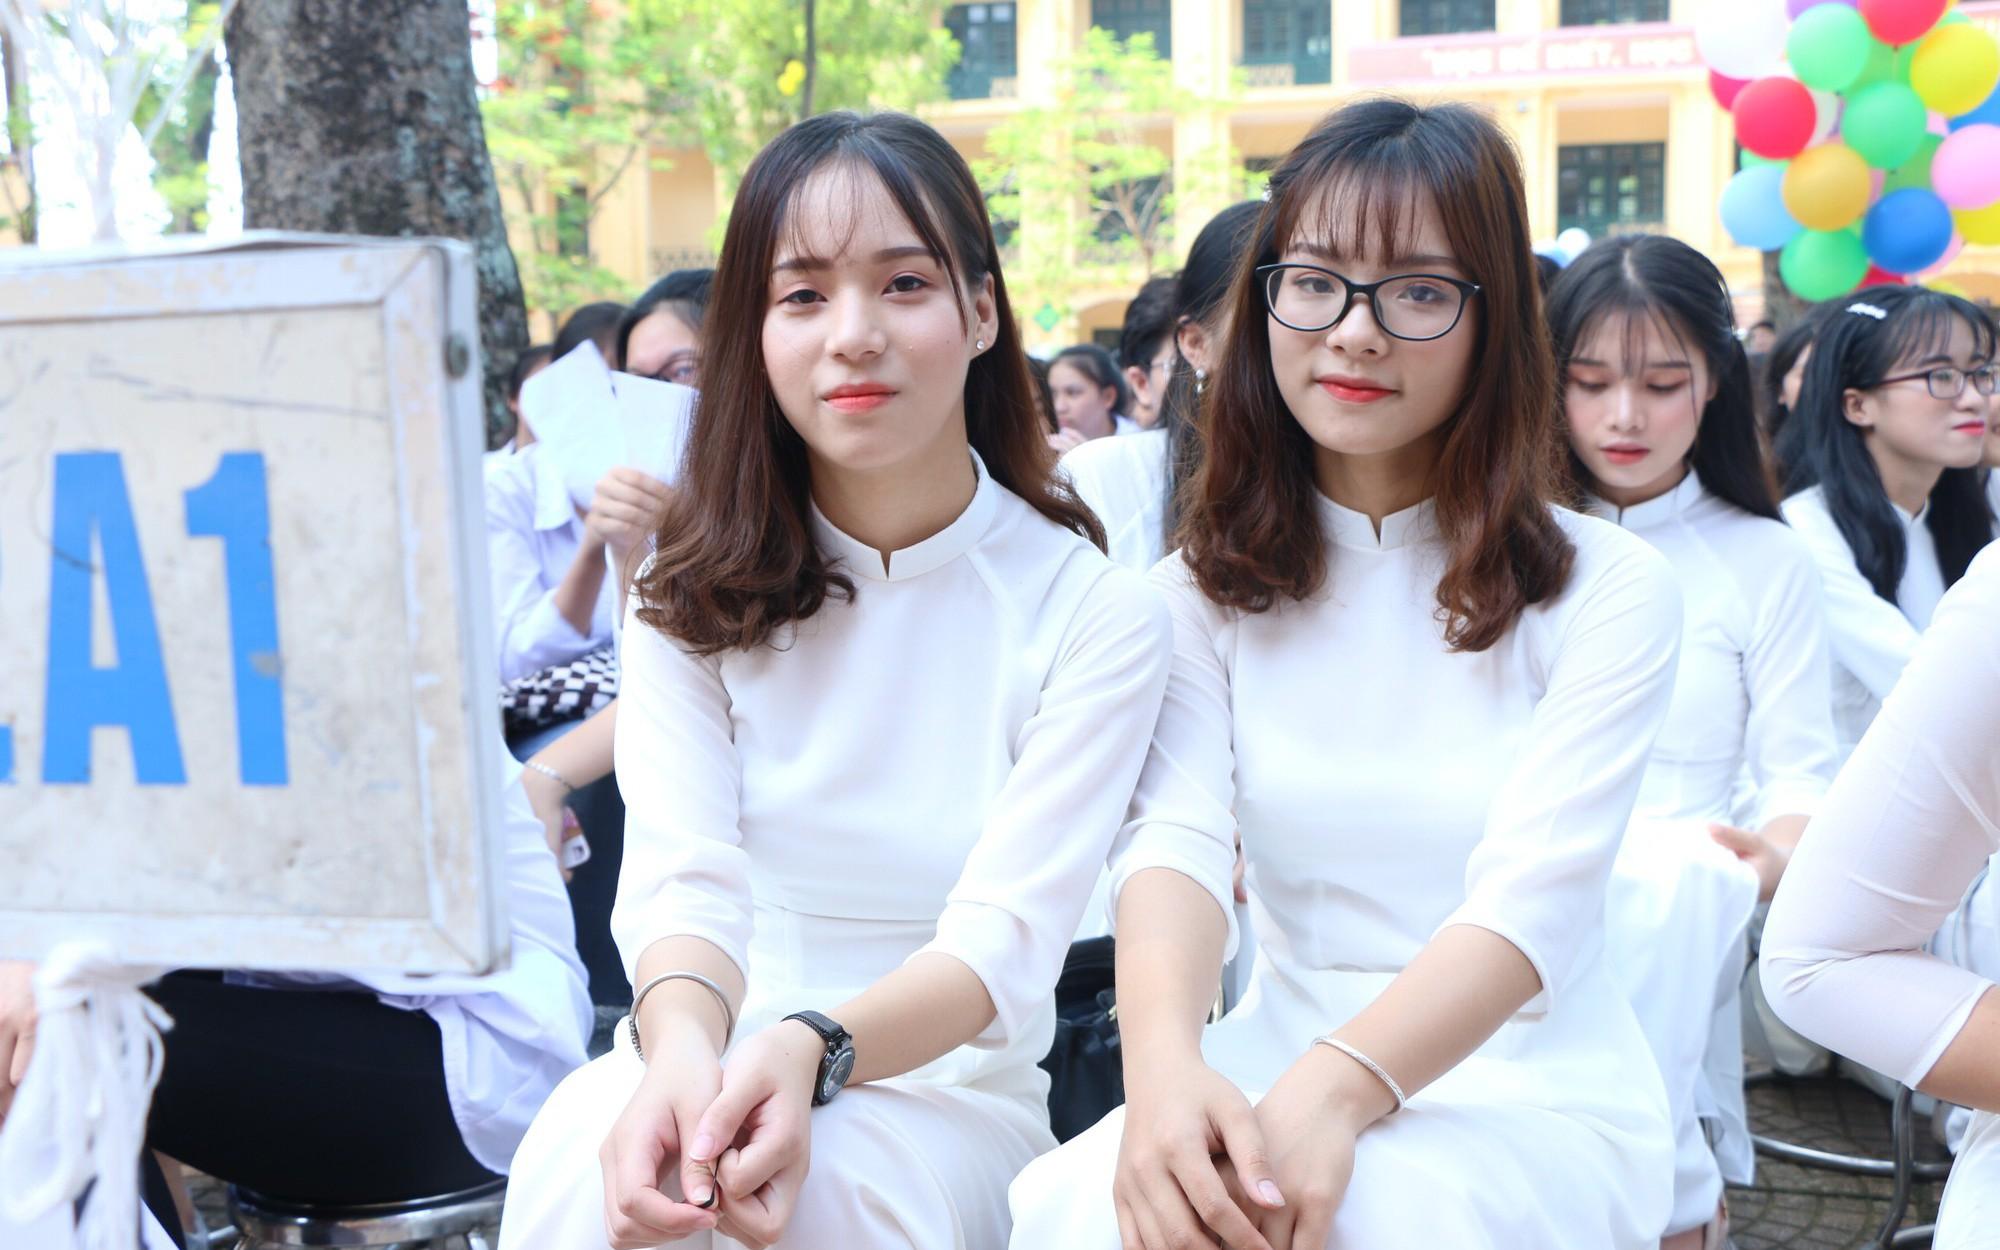 Đề thi vào lớp 10 chuyên môn Vật lí tỉnh Nghệ An năm 2019